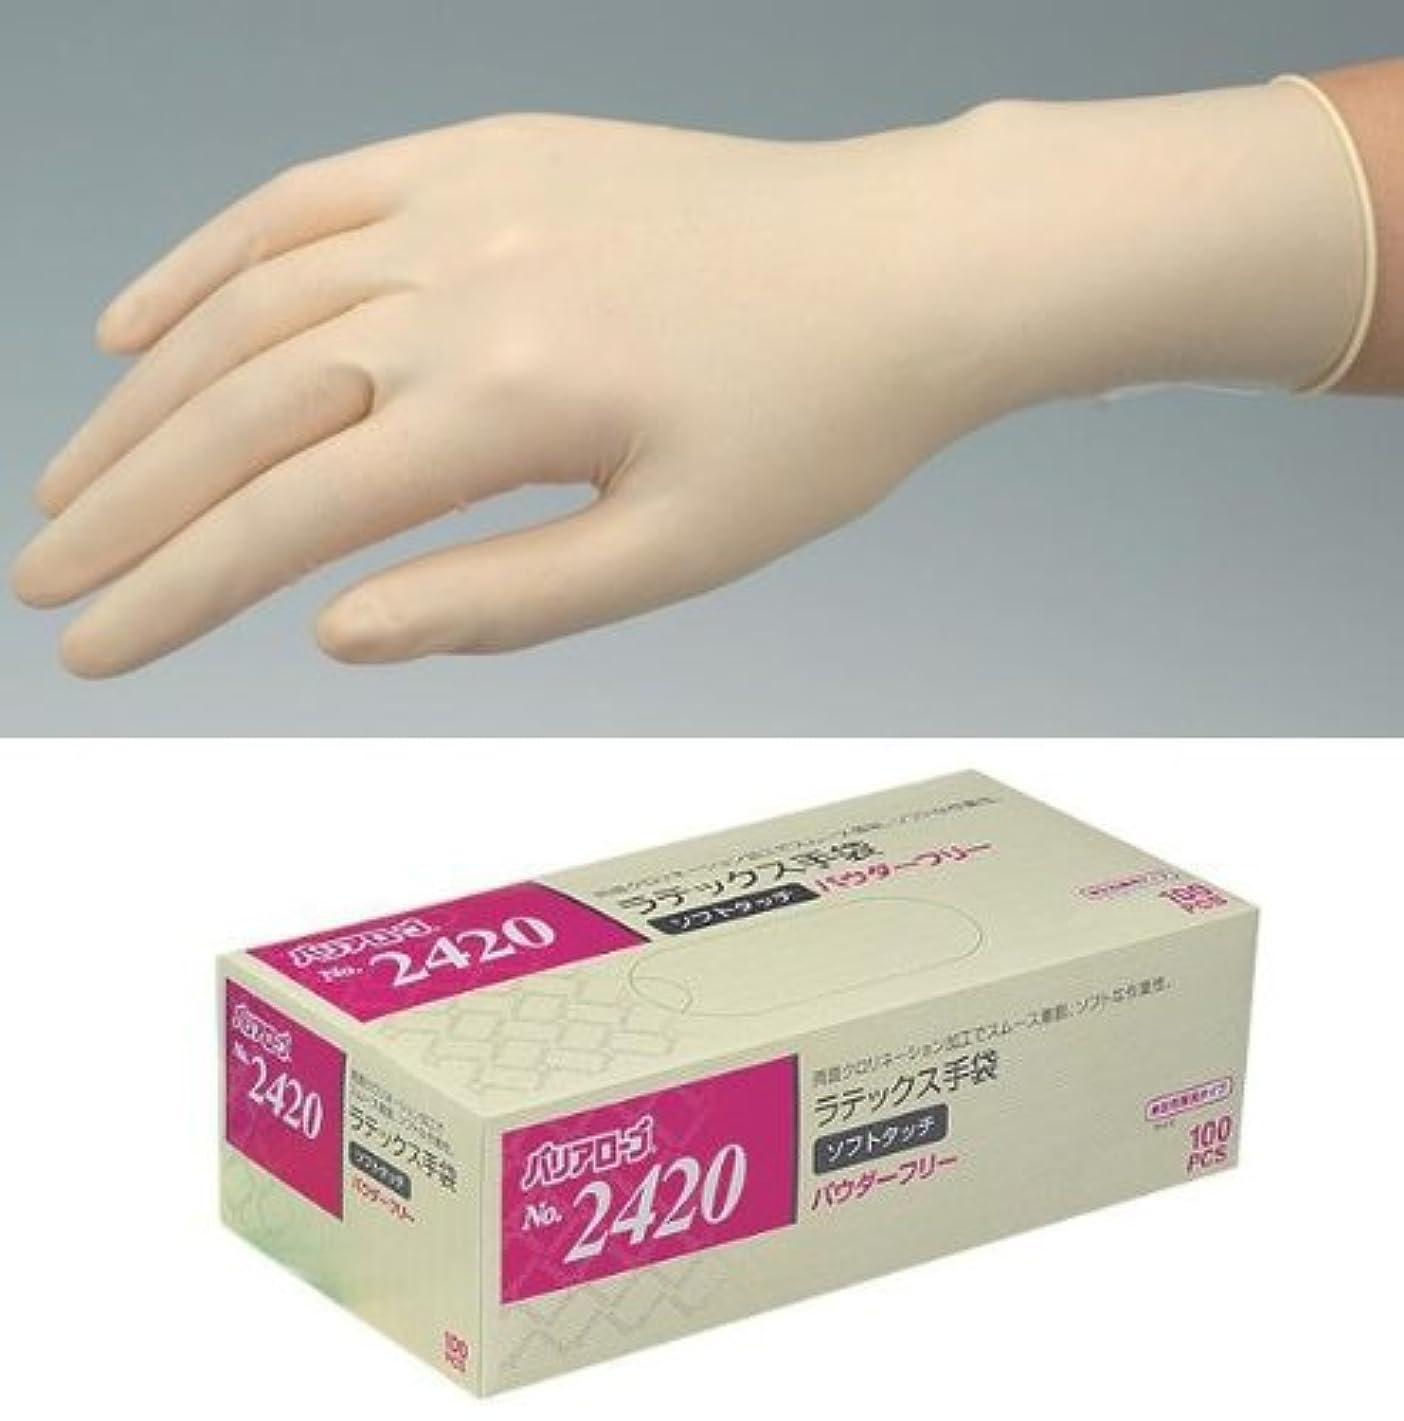 四面体浮く入場バリアローブ ラテックス手袋 ソフトタッチPF(左右兼用) 100枚×20箱 NO.2420   M